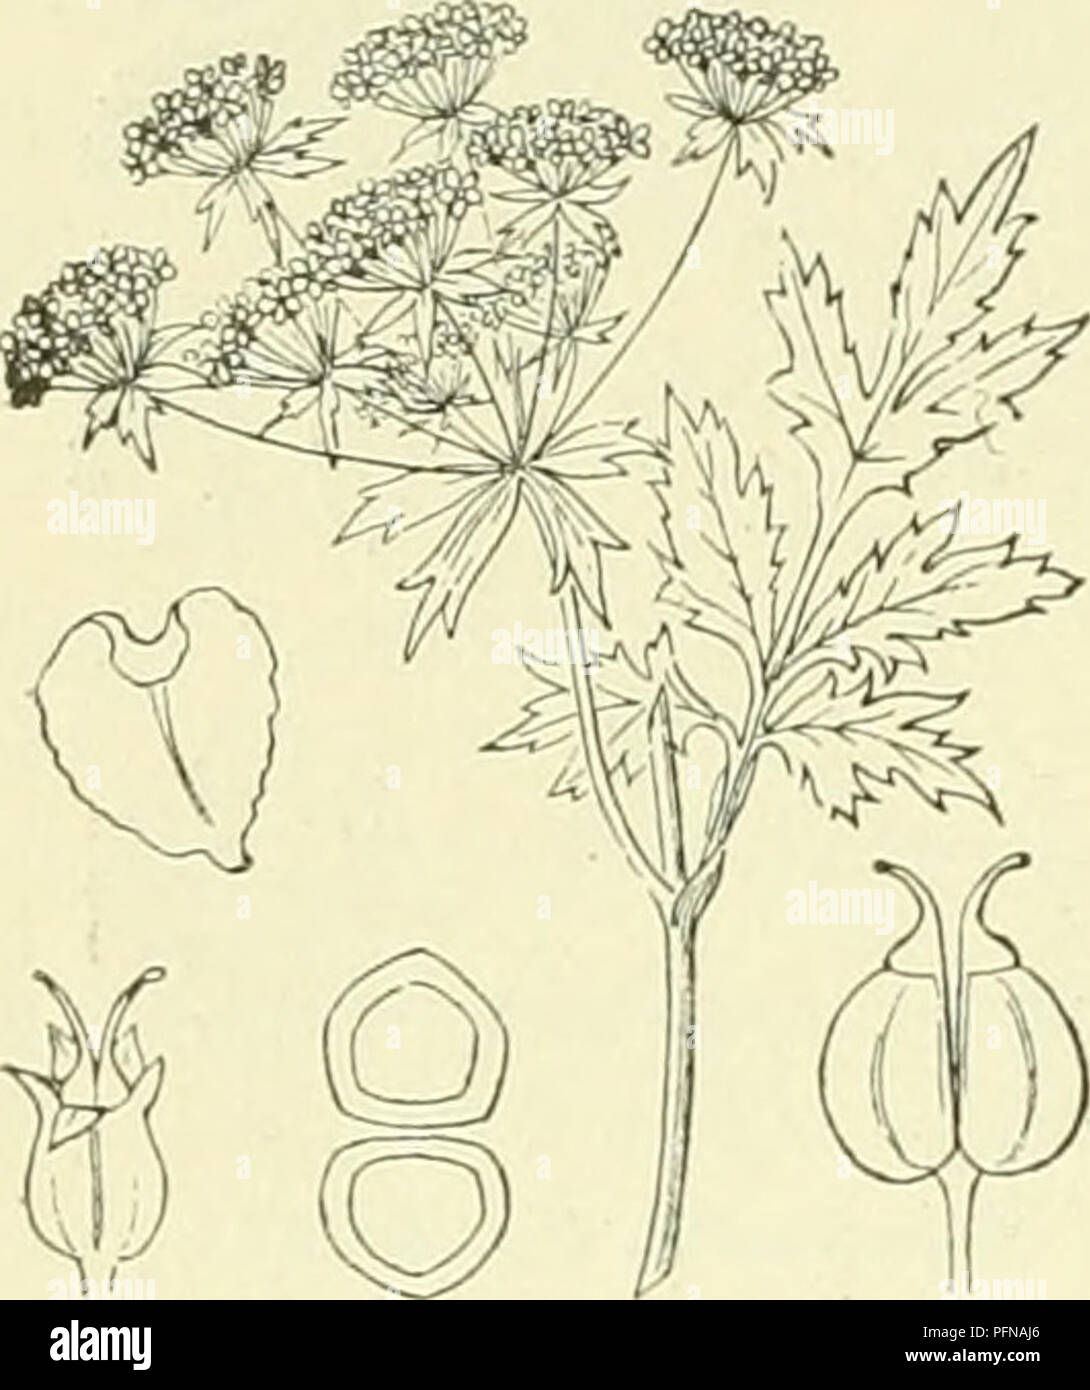 . De flora van Nederland. Plants. 436 UMBELLIFERAE. — FAMILIE 66. Voorkomen. Deze plant is afkomstig uit Kiein-Azië en wordt bij ons soms verbouwd. Zij is een eni<ele maal aangevoerd gevonden b.v. bij Haarlem en Leiden. B. angustifólia -) Koch. (fig. 522). Deze donkergroene. 13. Bérnla^) Koch. (Sium angustifolium L.). Kleine watereppe. Berula ang^ustifolia Fig. 522. onbehaarde plant, heeft een kruipenden wortelstok met uitloopers en een rechtopstaanden, rolronden, hollen, gegroefden stengel. De bladen zijn ge- vind, de slippen der onderste zijn eirond, die der bovenste langwerpig (1-2 cM br Stock Photo